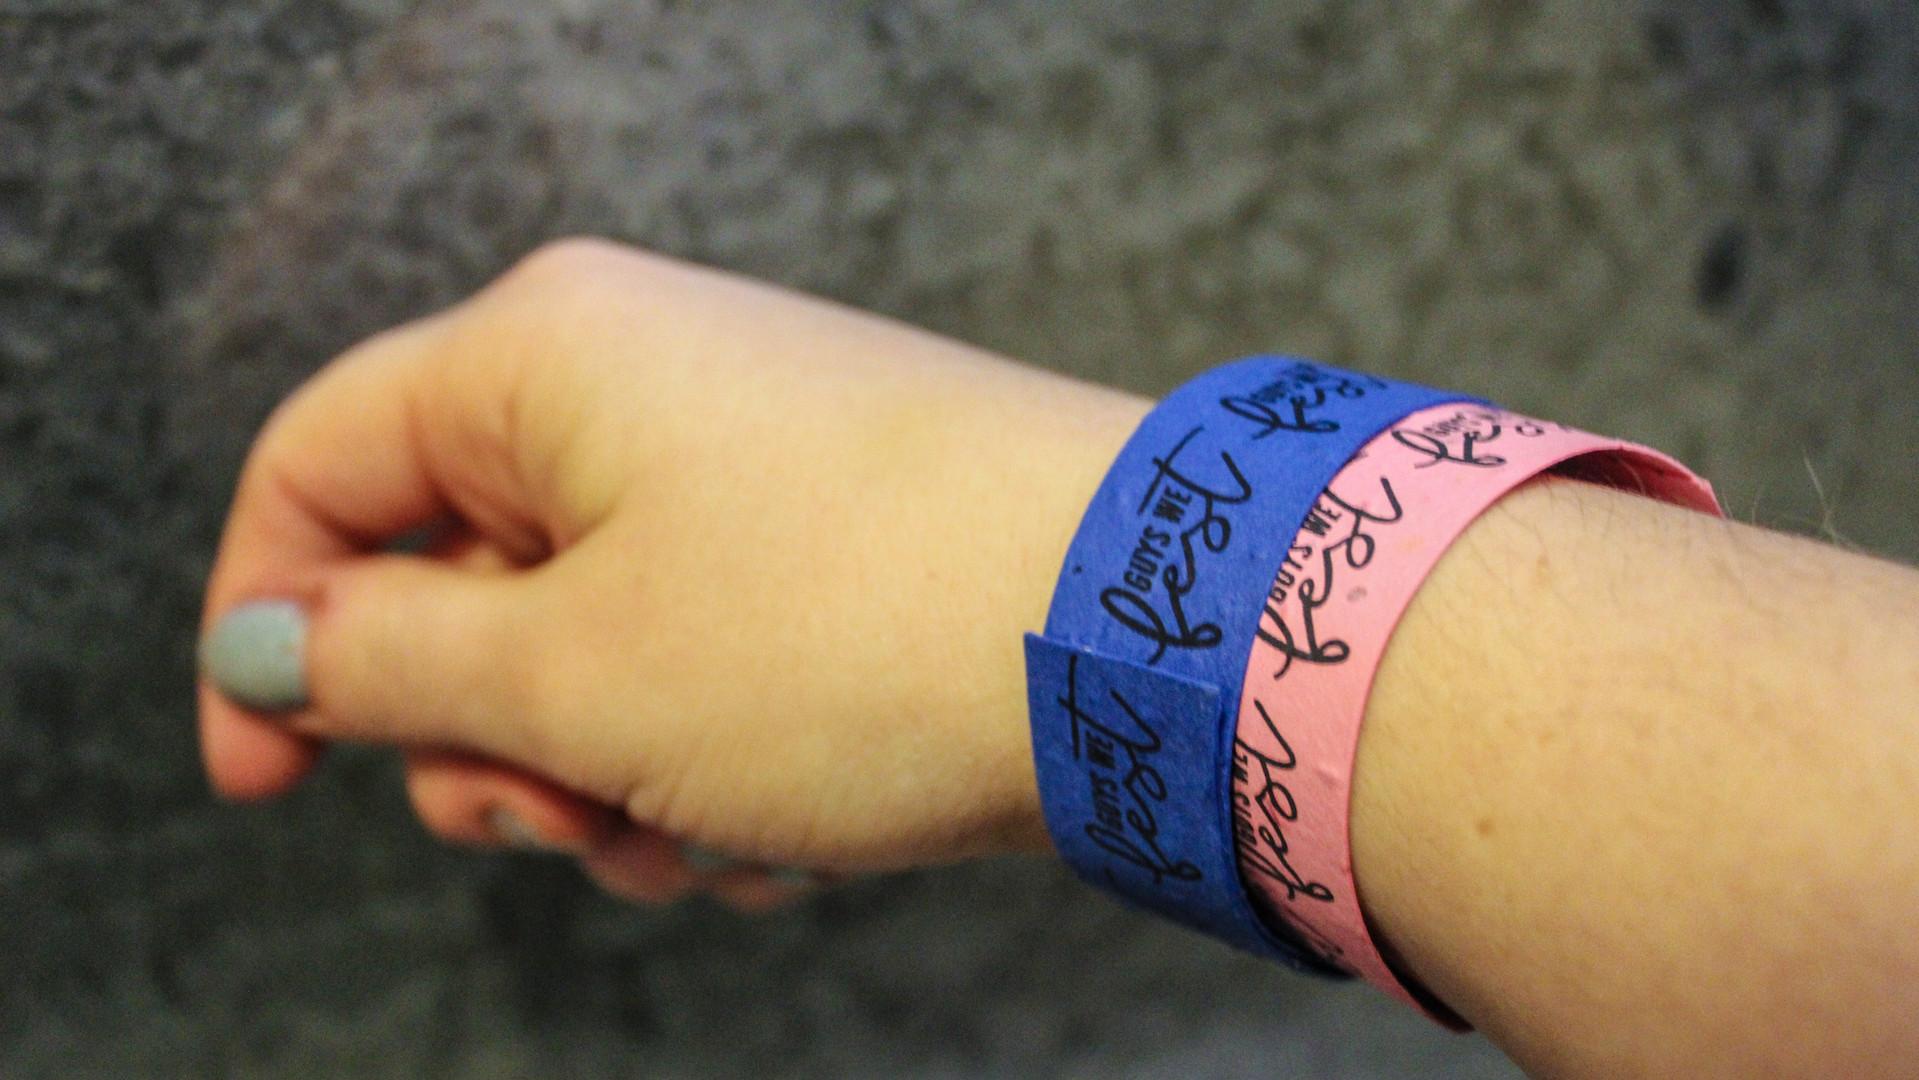 GWF_Wristbands2.jpg